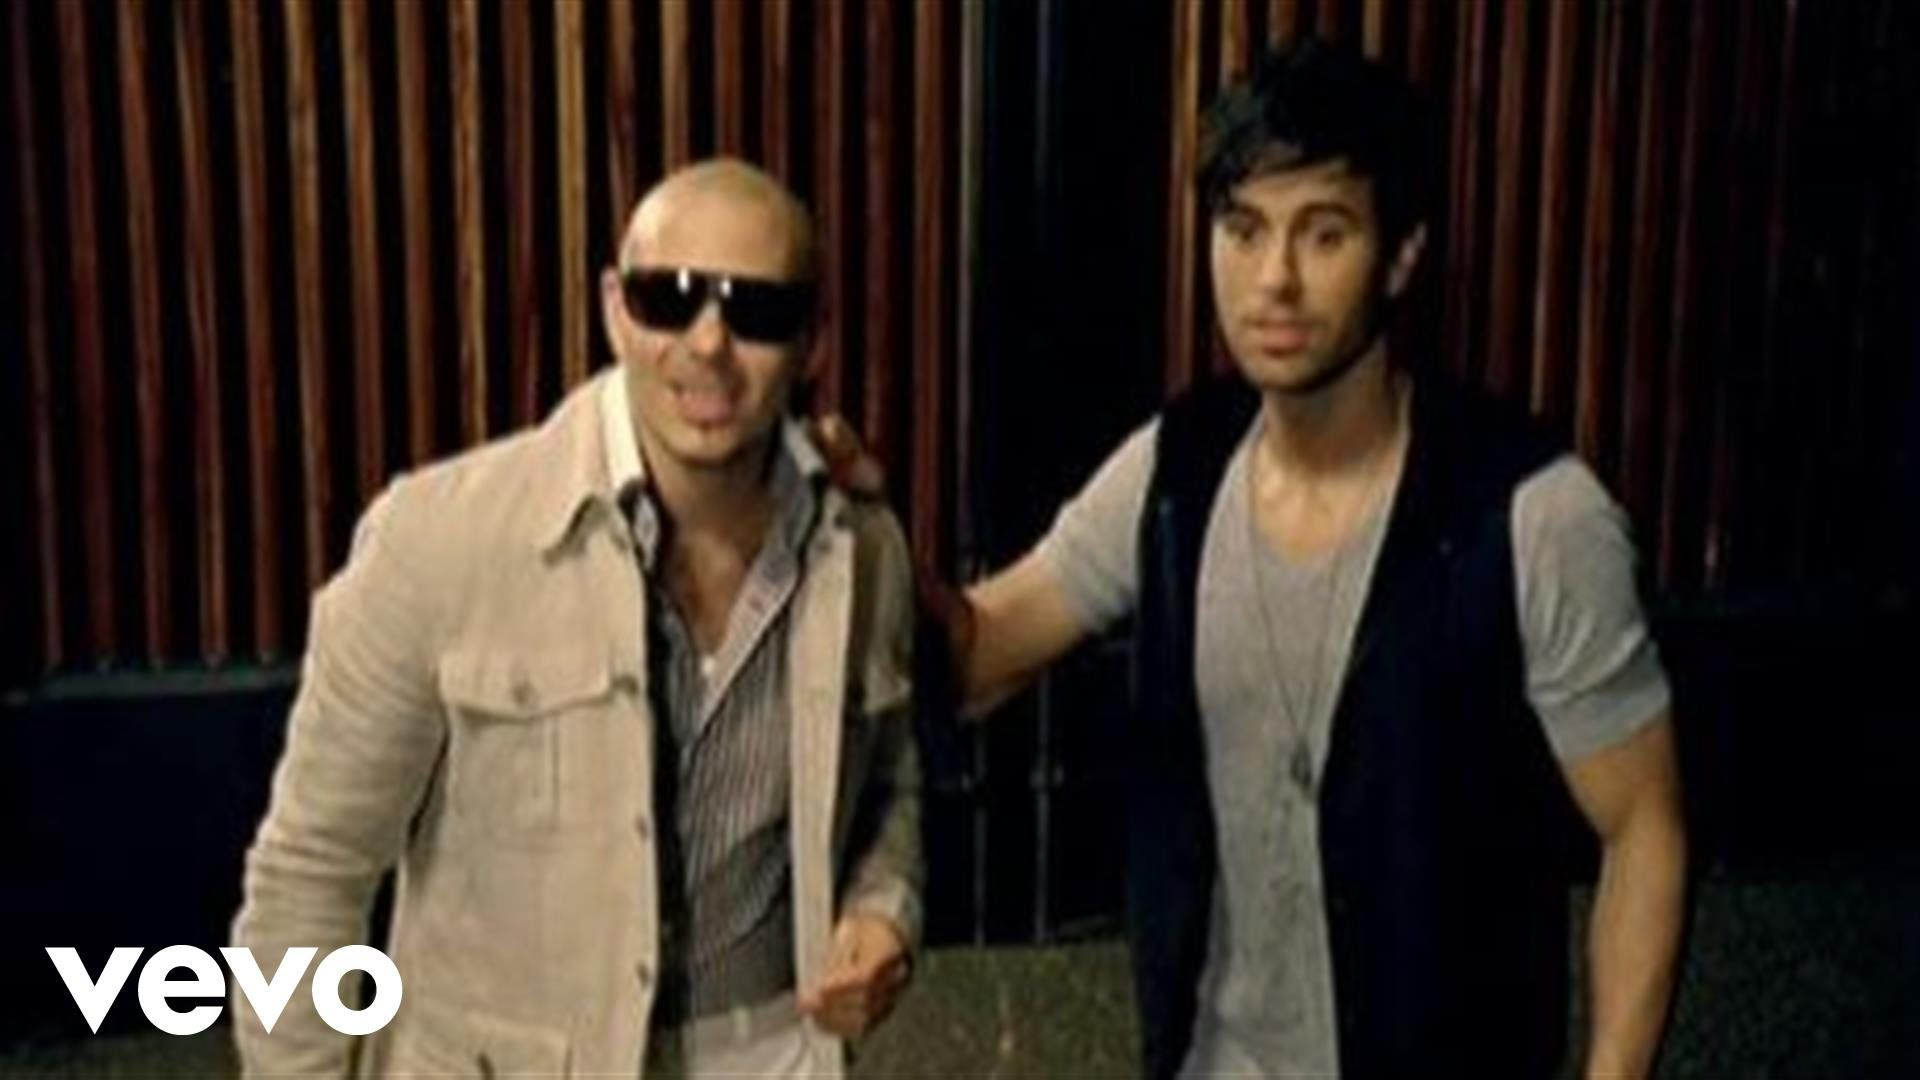 Enrique Iglesias Ft Pitbull I Like It Enrique Iglesias Iglesias Best Love Songs